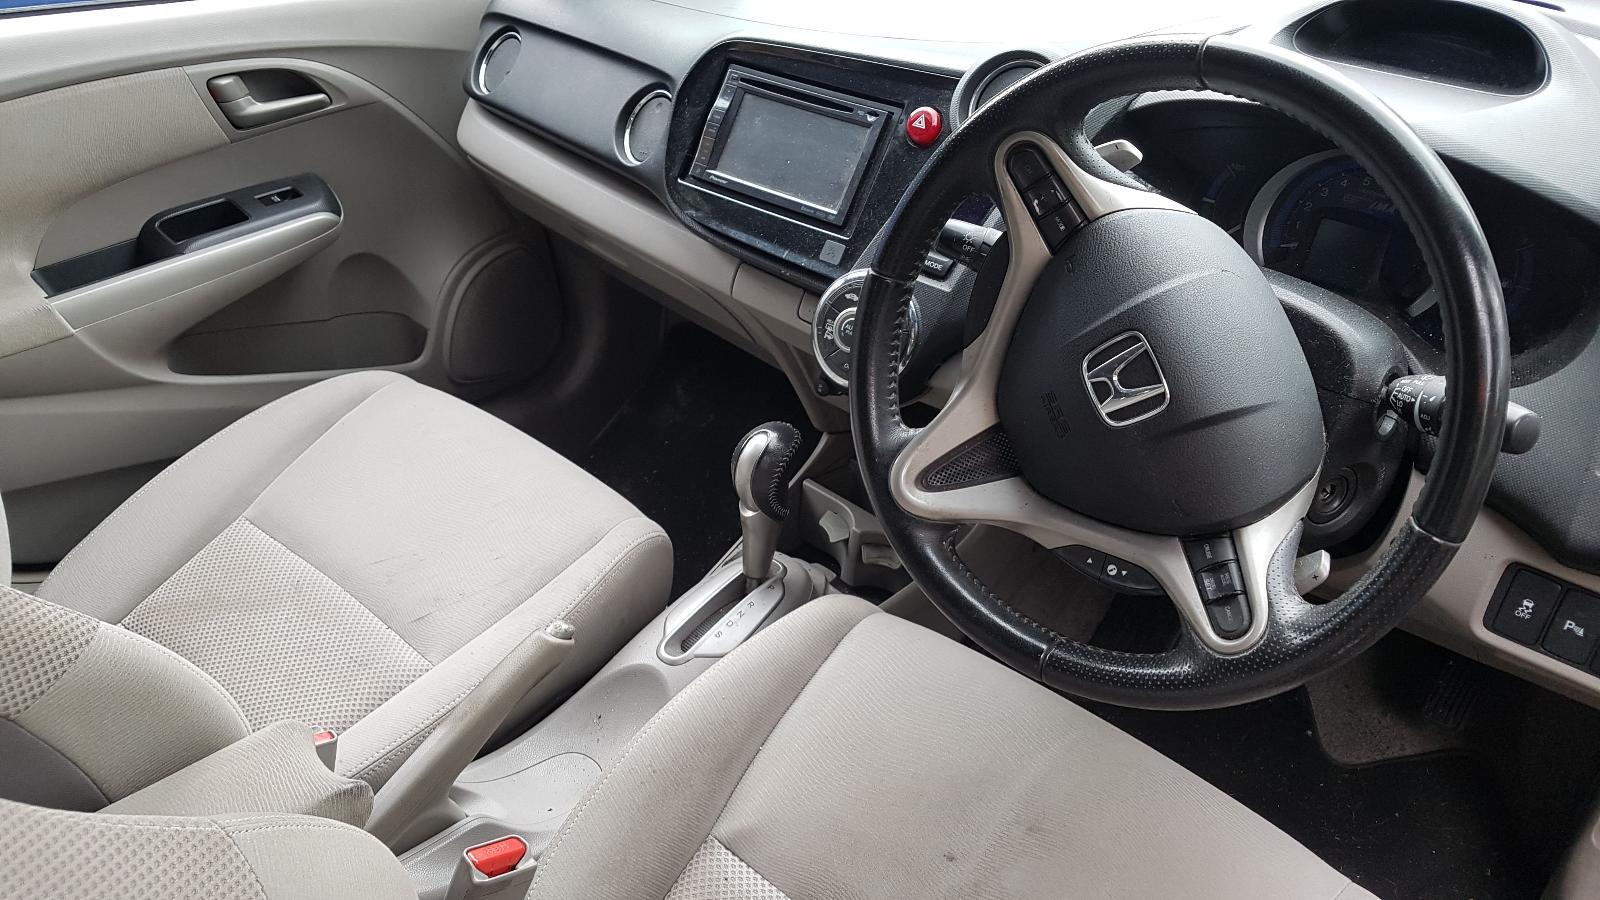 View Auto part Honda Insight 2011 5 Door Hatchback